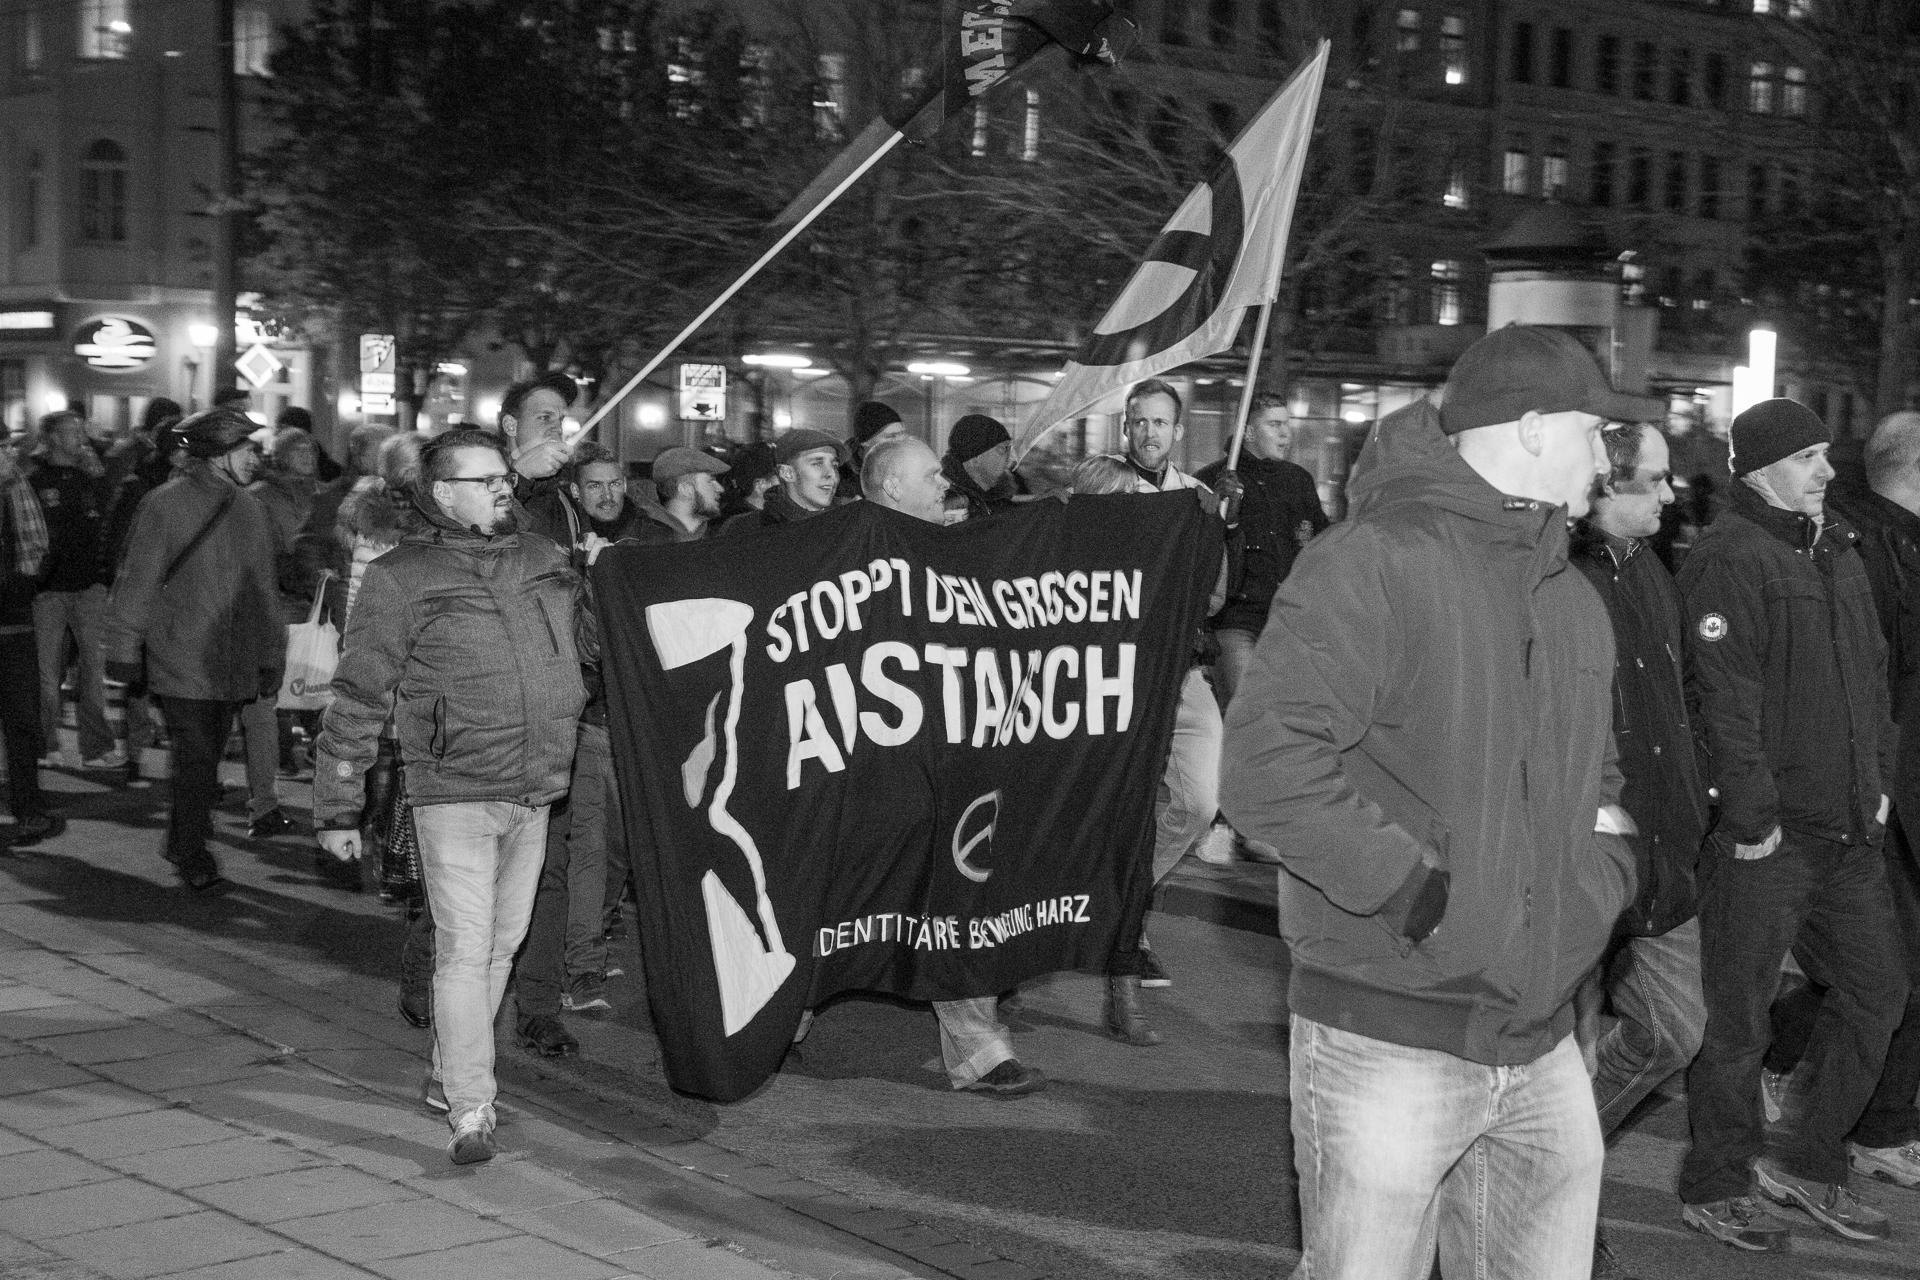 """""""Europa - Jugend - Reconquista"""" - eine Parole die Mehrfach zu hören war"""